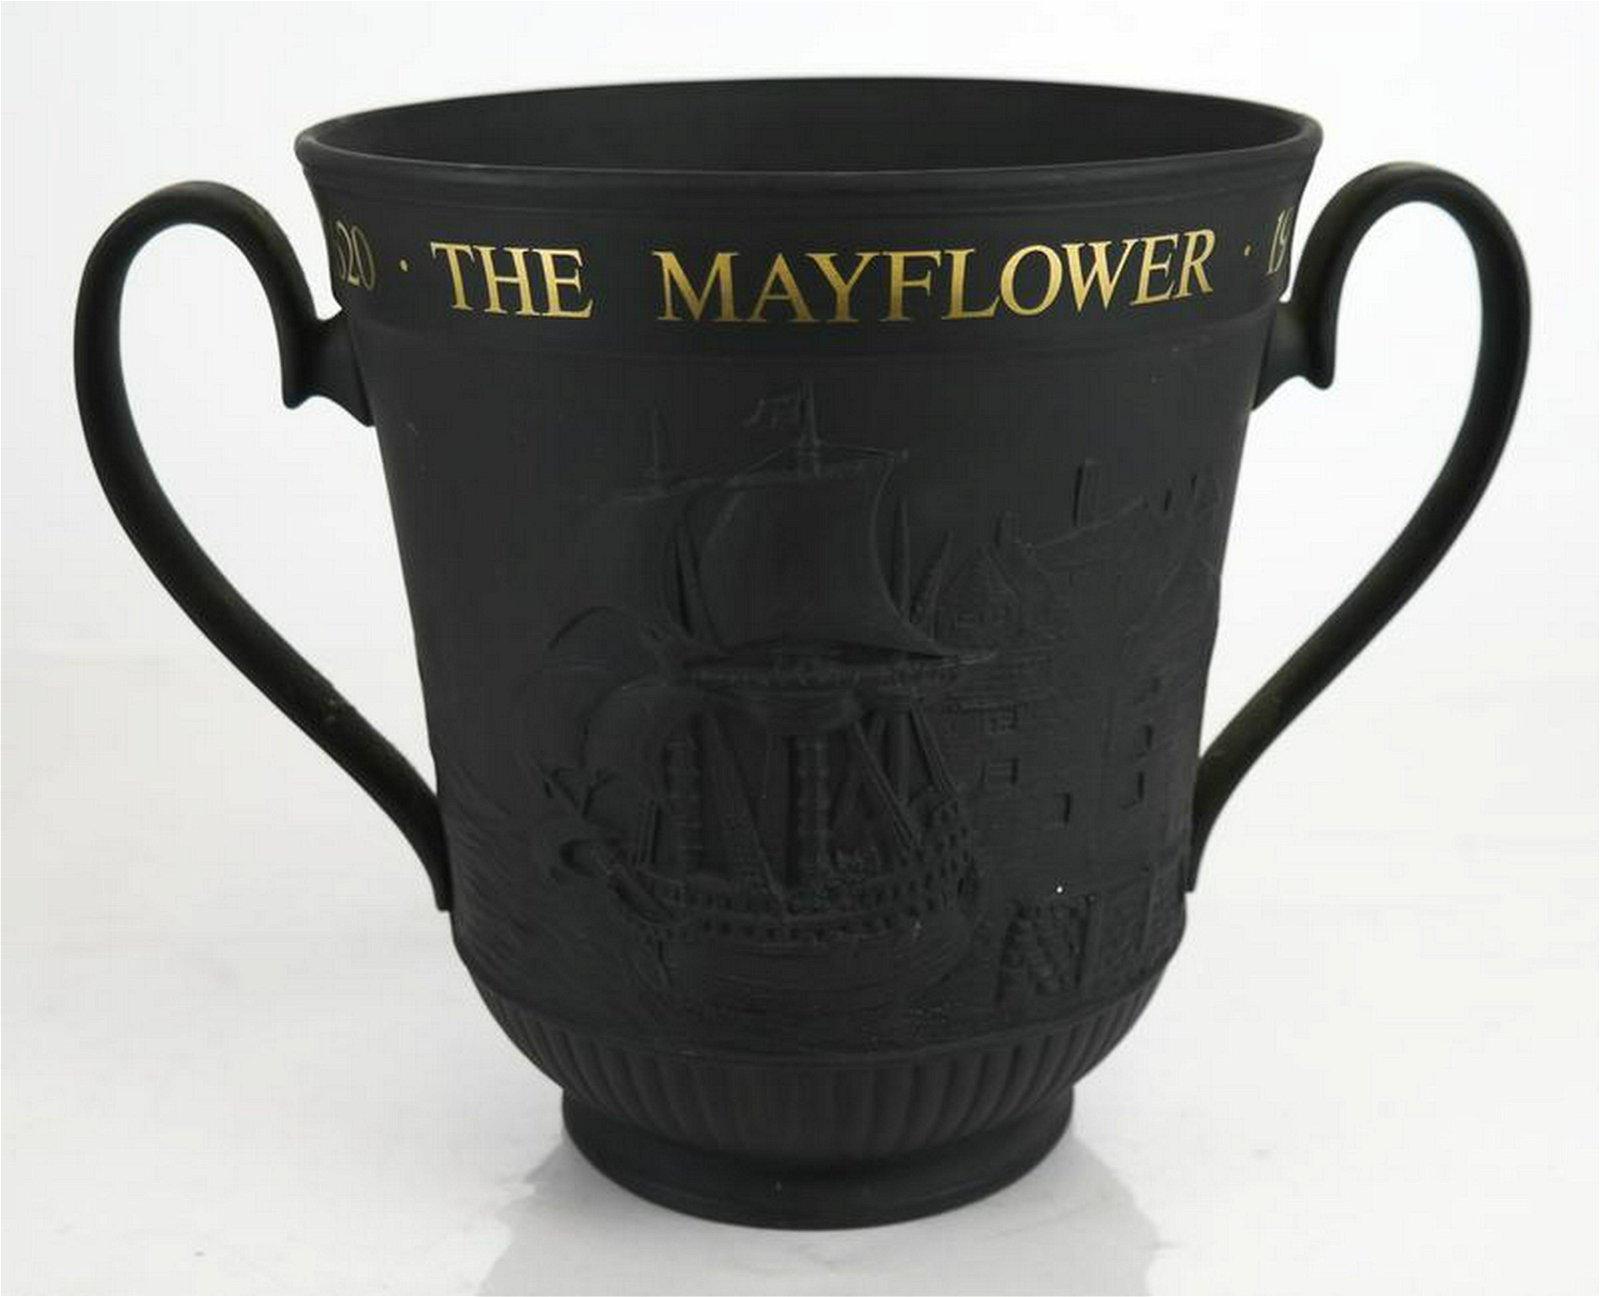 Royal Doulton Commemorative Porcelain Cup